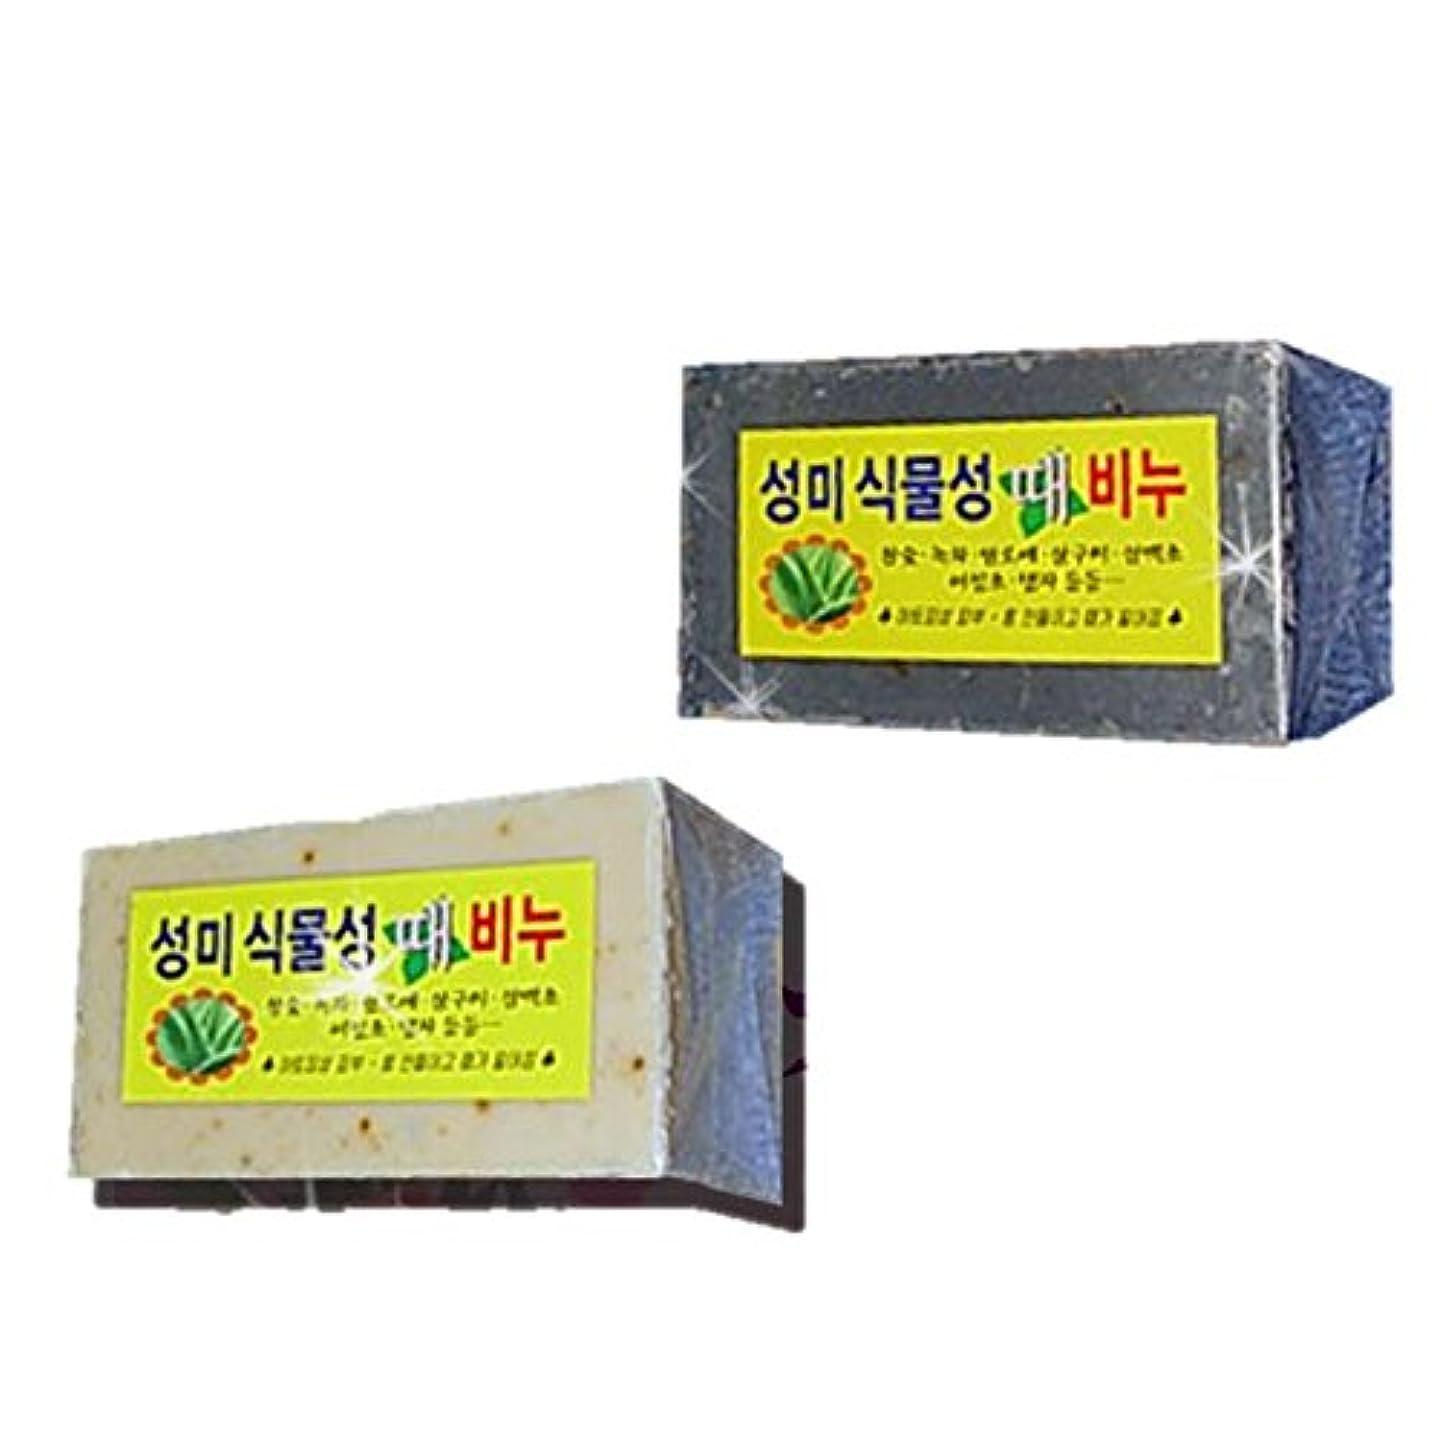 ブロック降ろす最後の(韓国ブランド) 植物性 垢すり石鹸 (あかすりソープ) (5個)